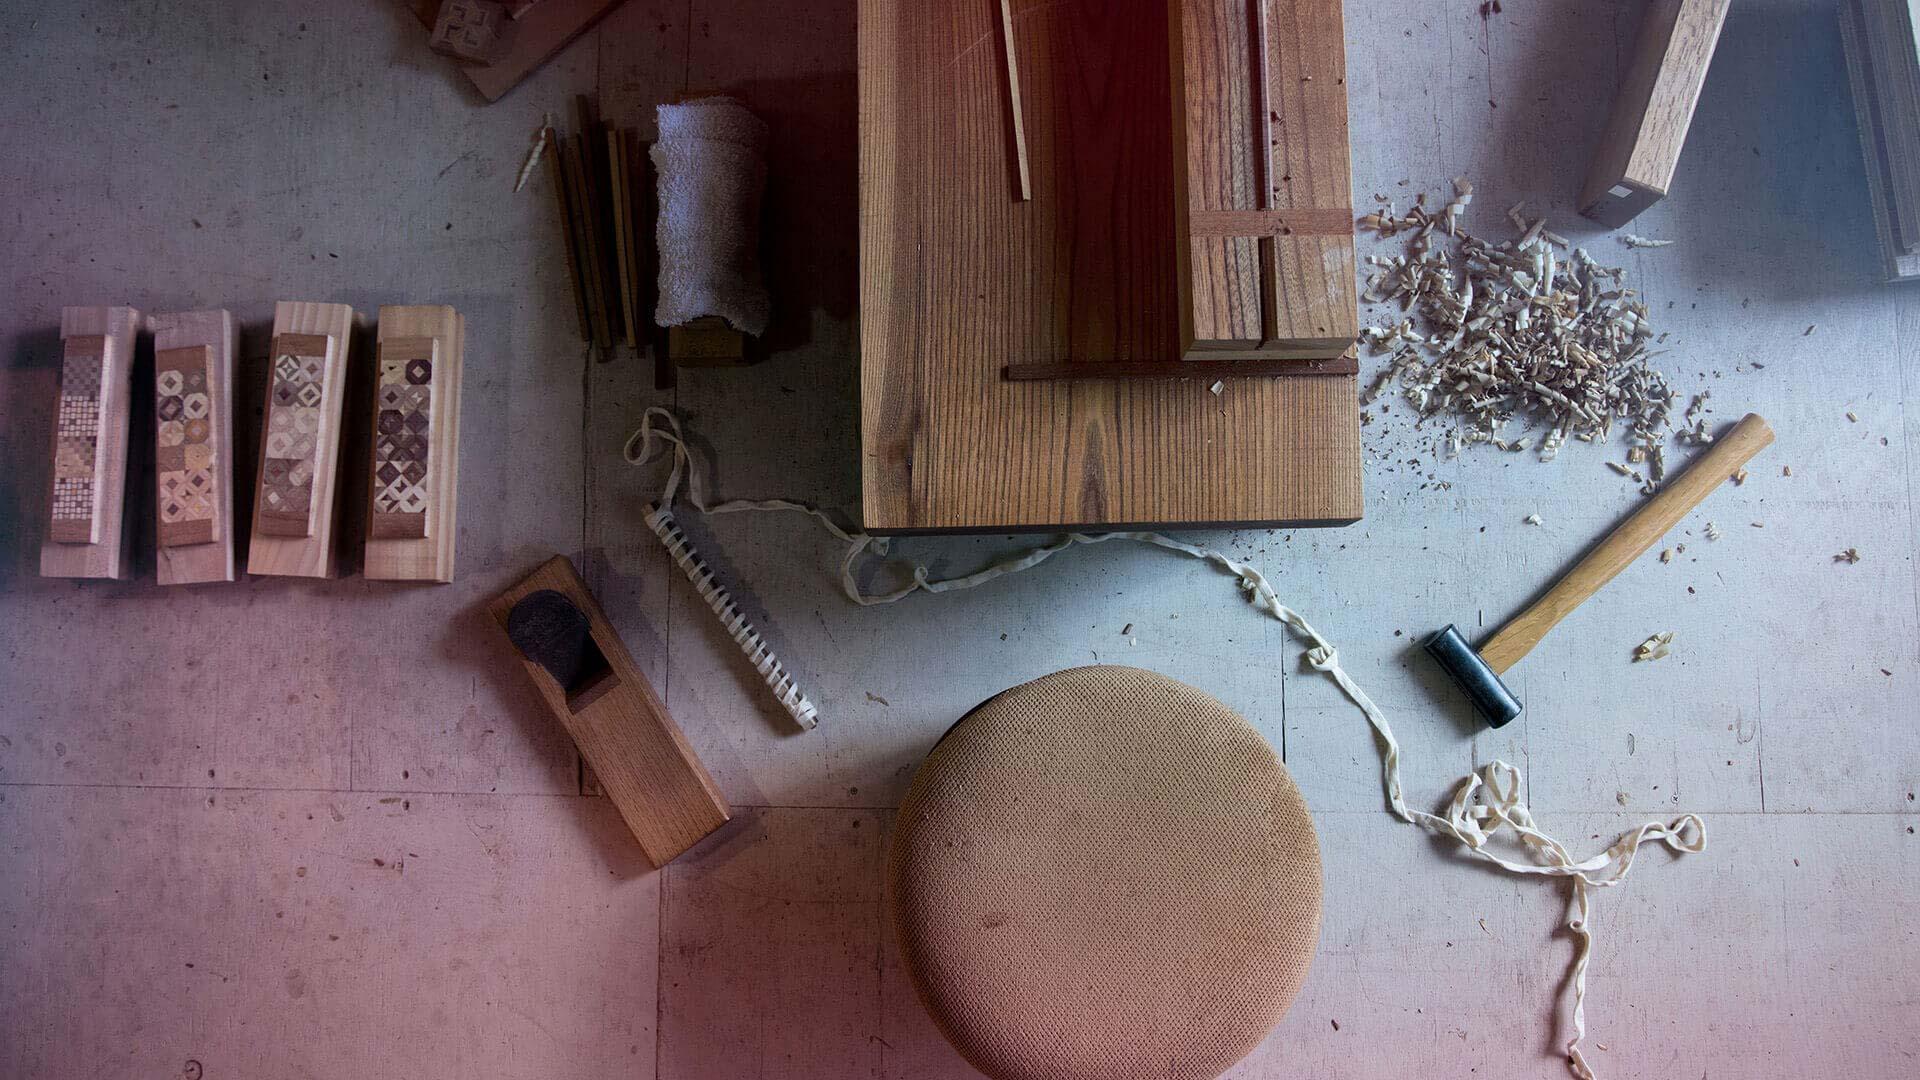 Japanische Handwerkskunst und Werkzeug